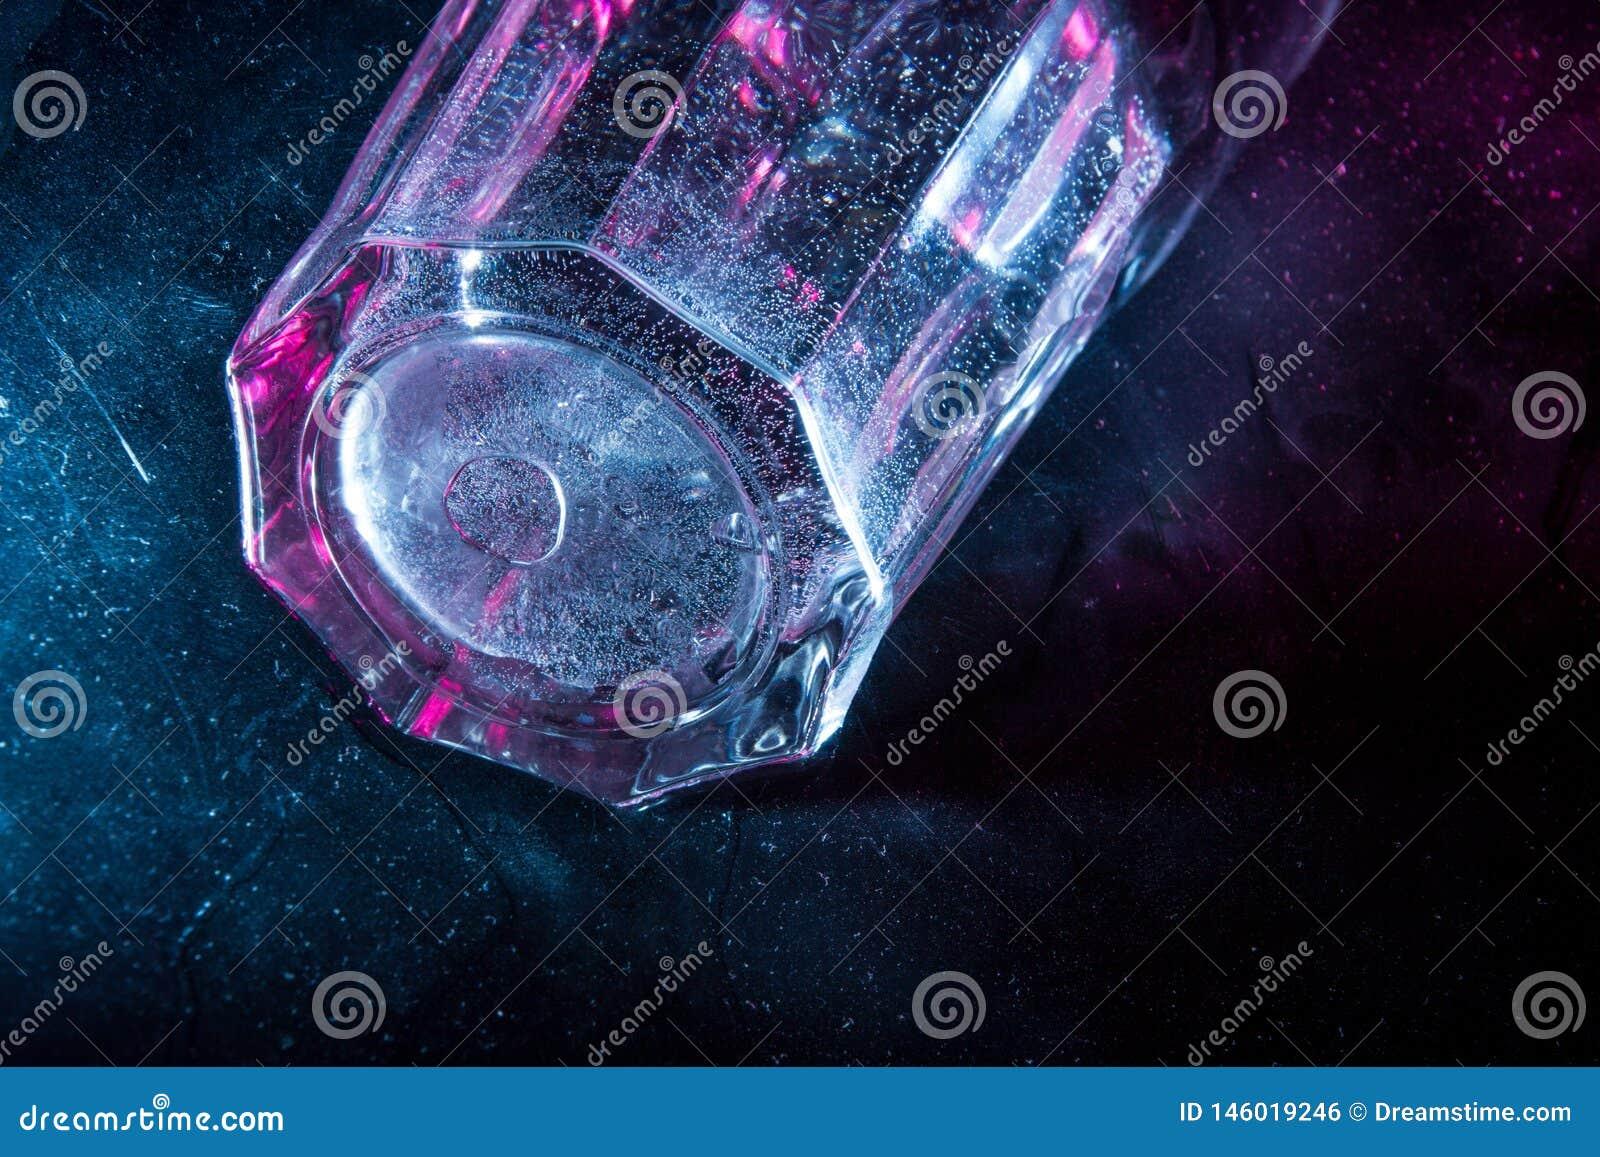 Galaxia de cristal